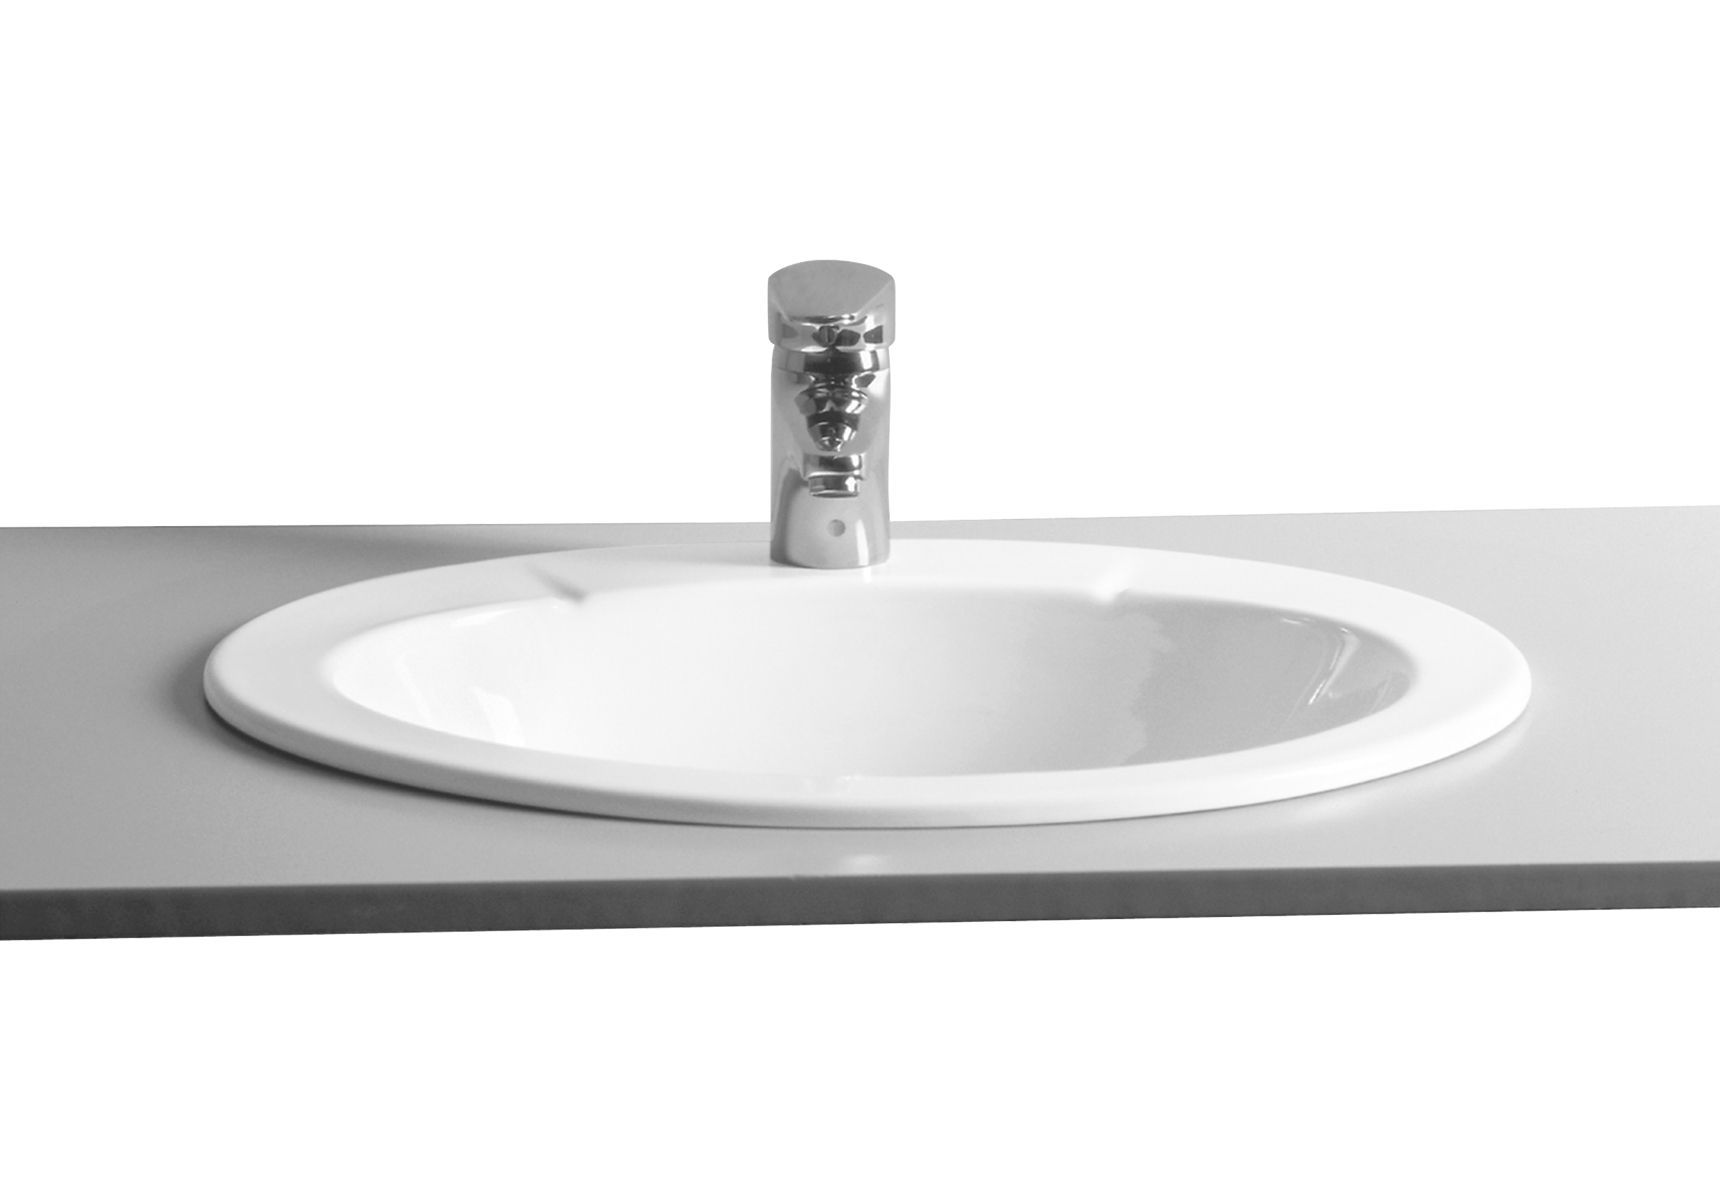 S20 vasque encastré, 59,5 cm, ovale, 1 trou central, sans trop-plein, (VitrA Clean)